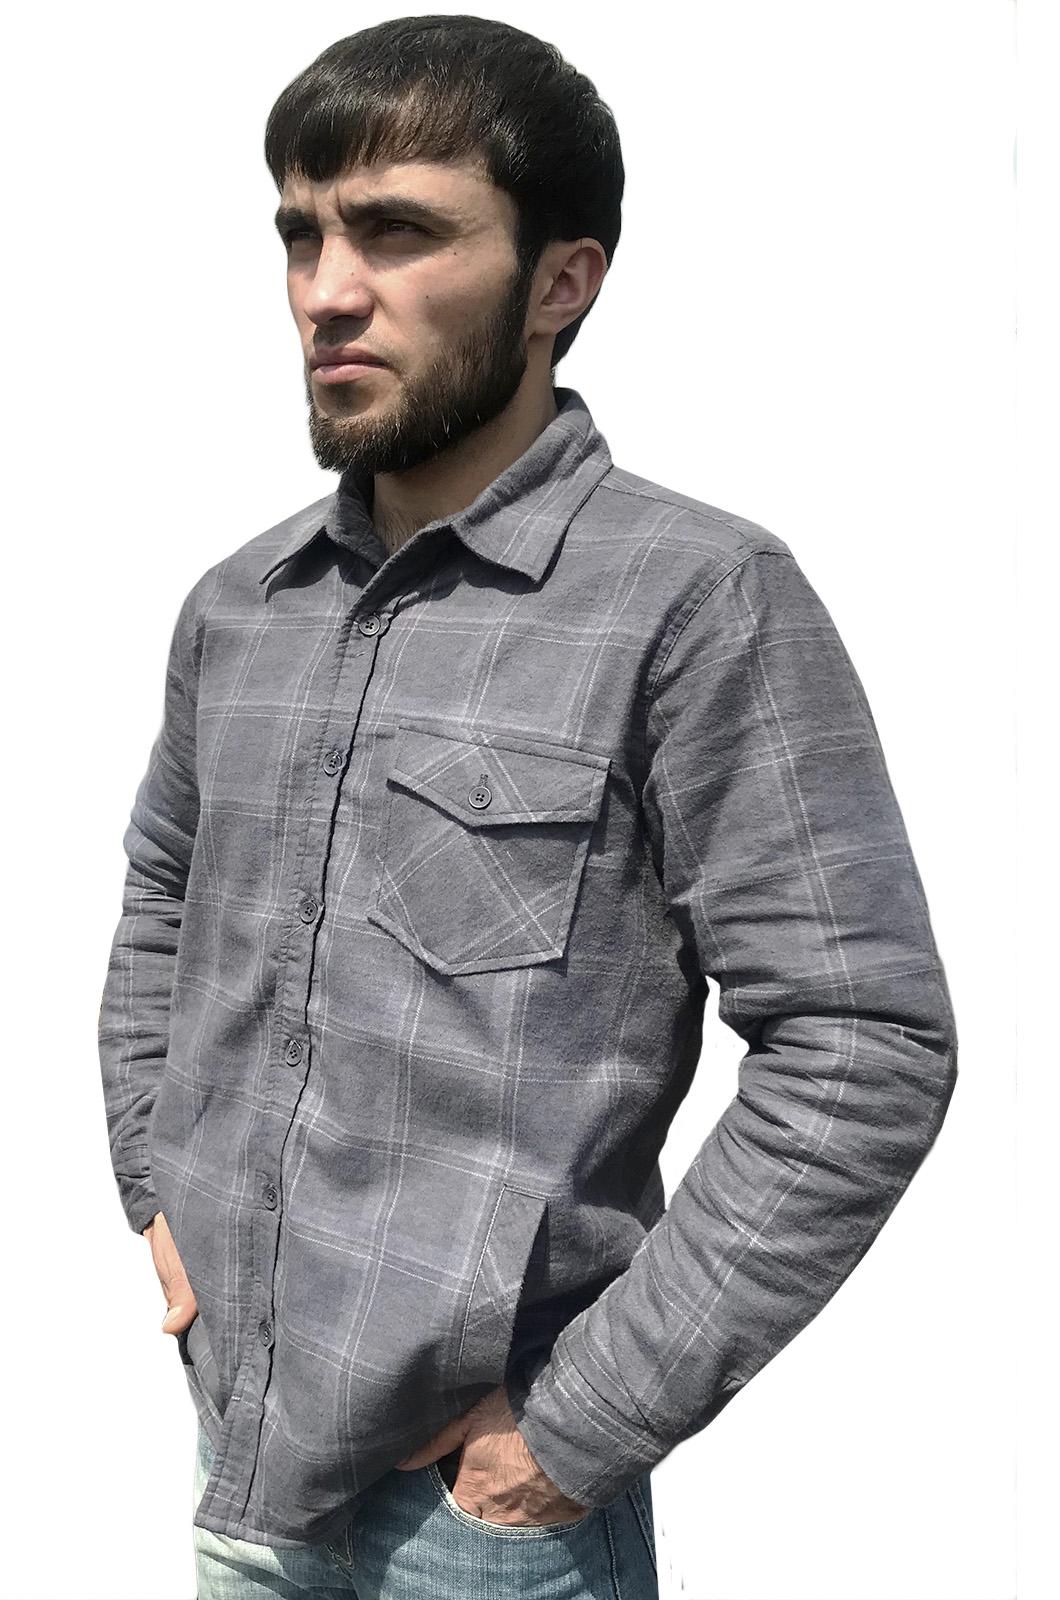 Строгая рубашка с вышитым казачьим шевроном Елень - купить выгодно